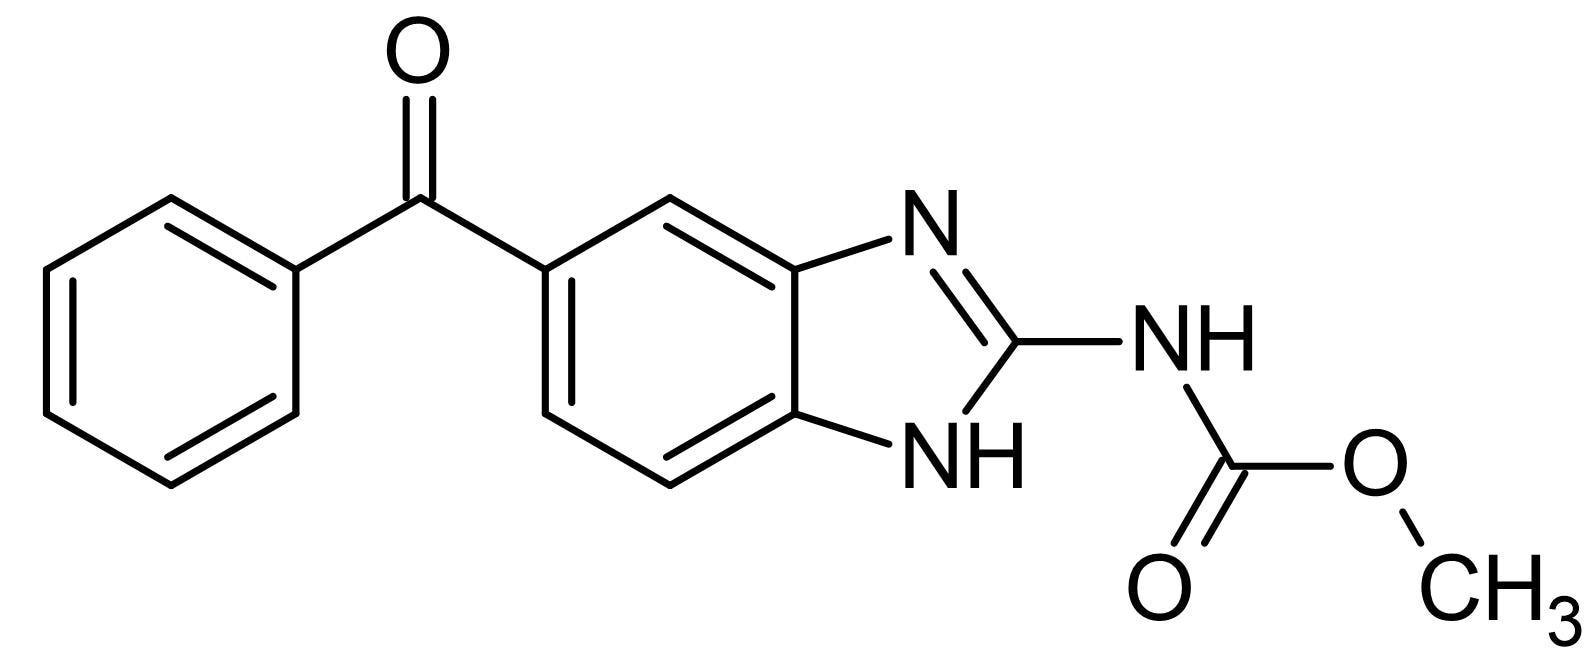 Chemical Structure - Mebendazole, Benzimidazole antihelmintic (ab141246)